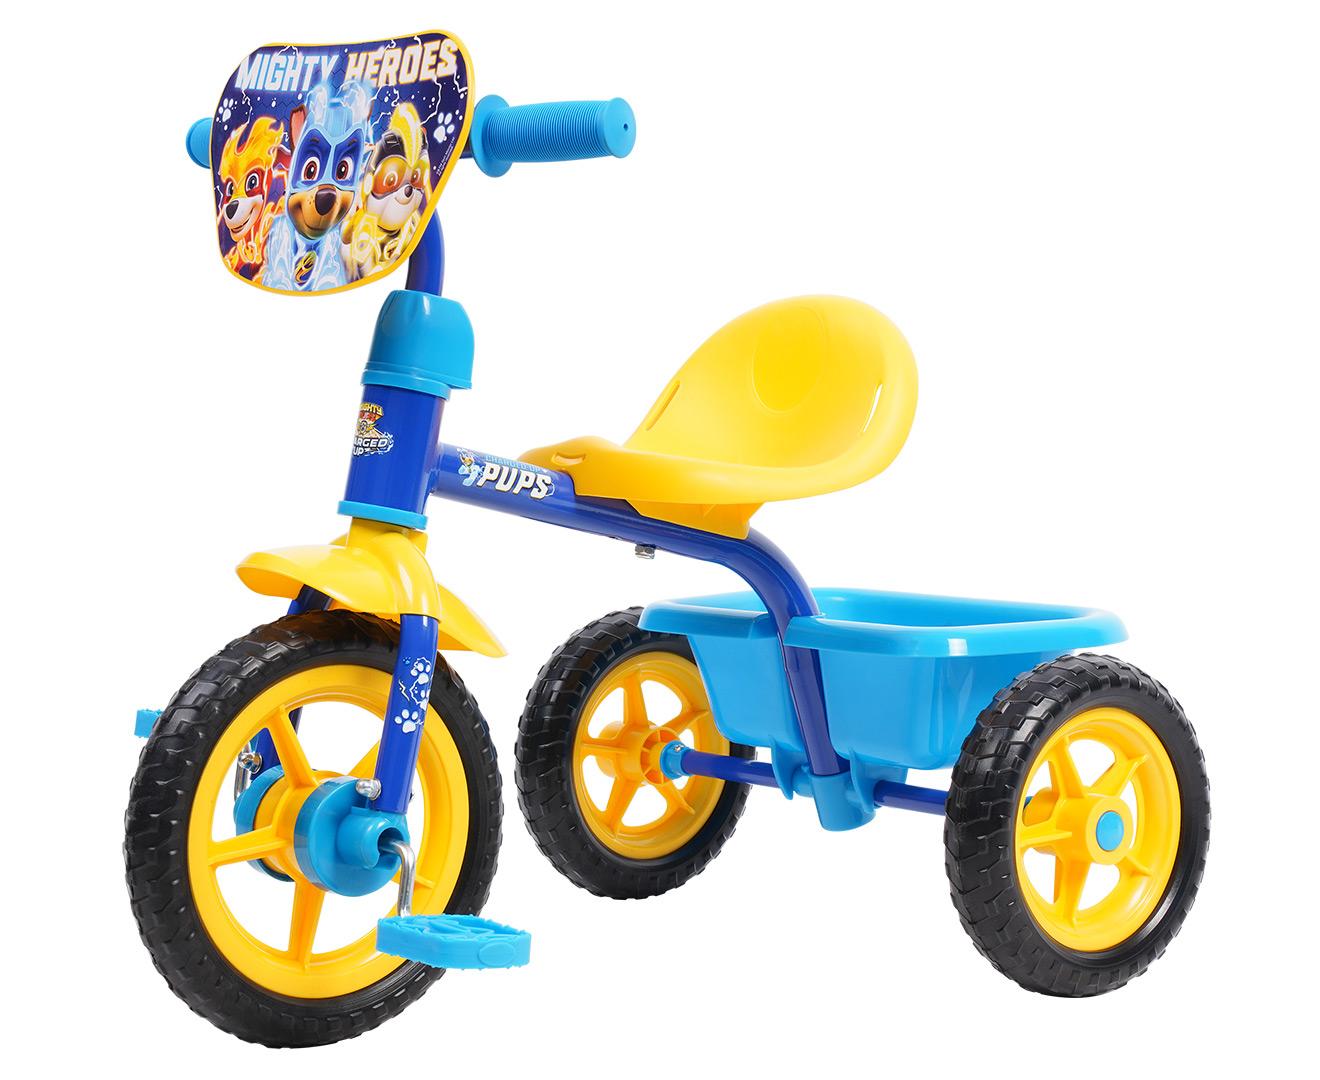 Paw Patrol Kids' Mighty Pups Trike w/ Bucket - Blue/Multi | Catch.com.au